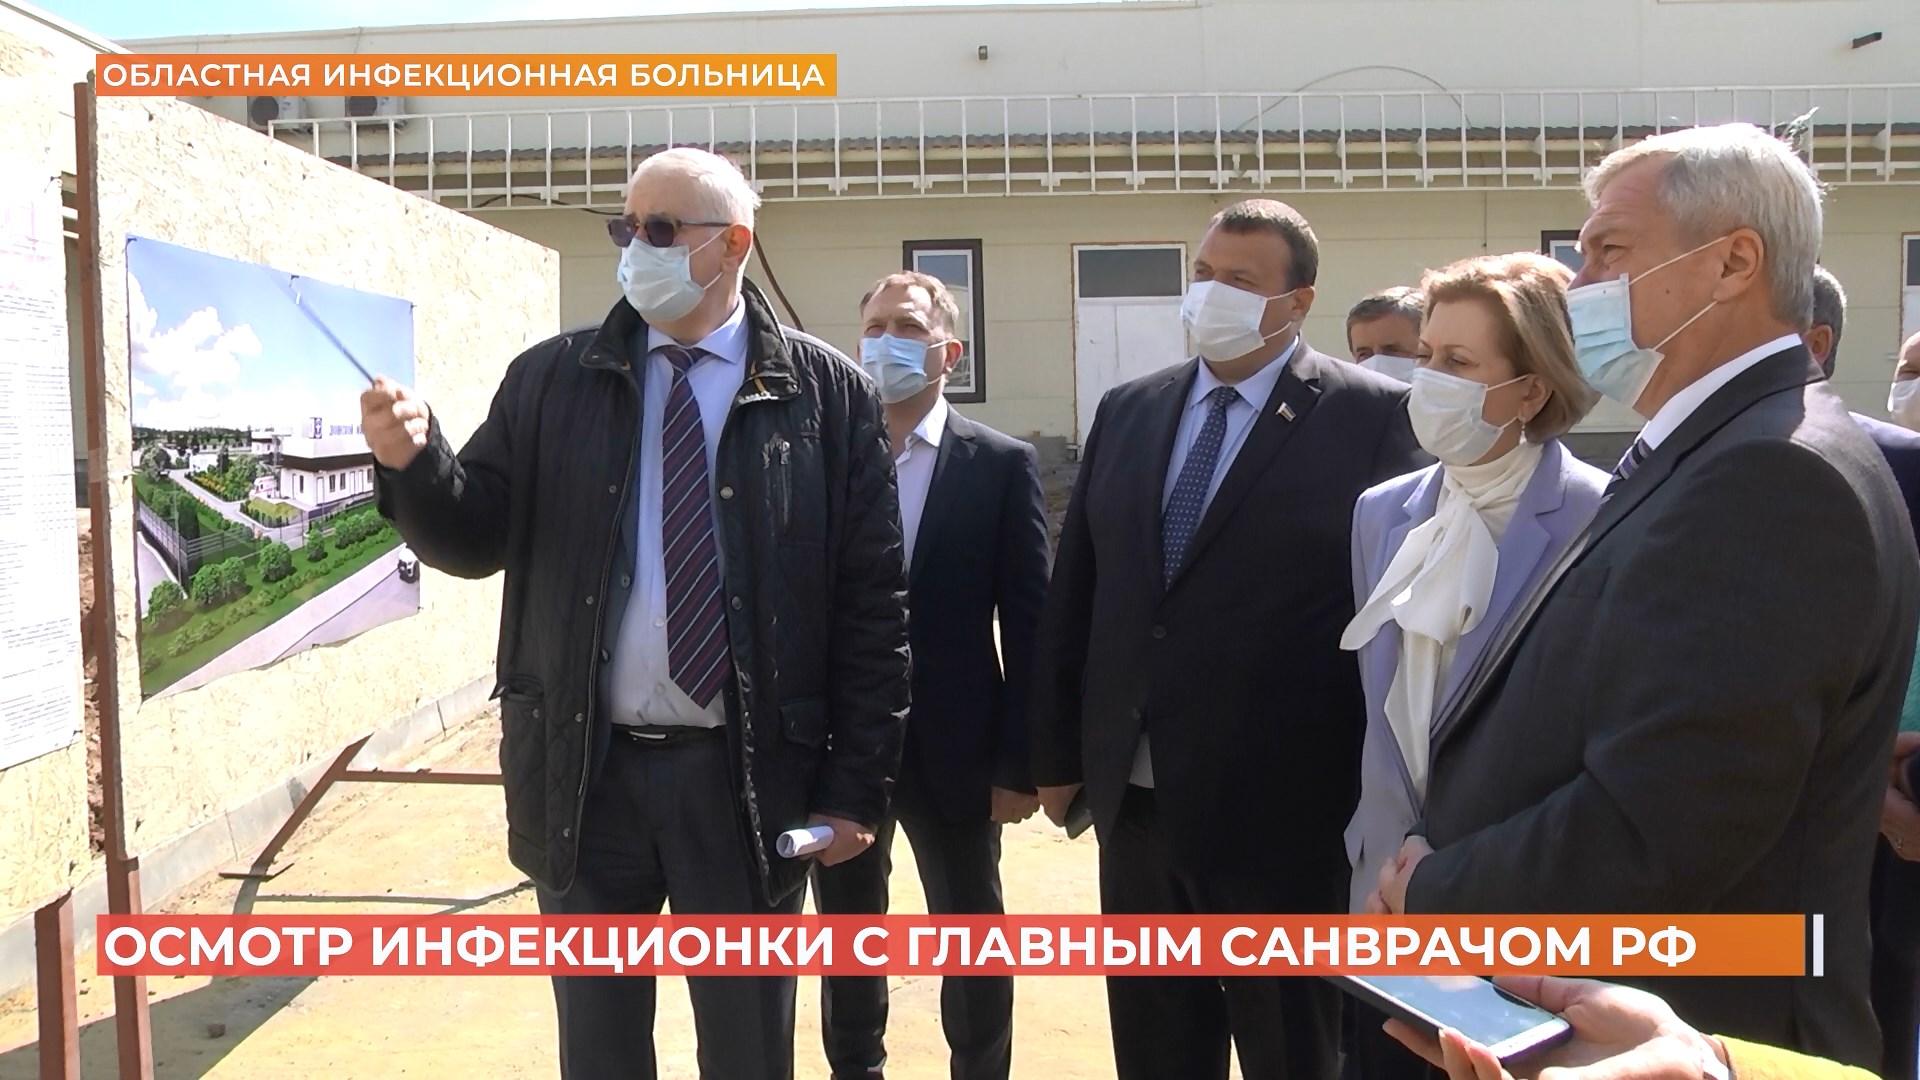 Главный санитарный врач страны оценила ход строительства новой инфекционной больницы